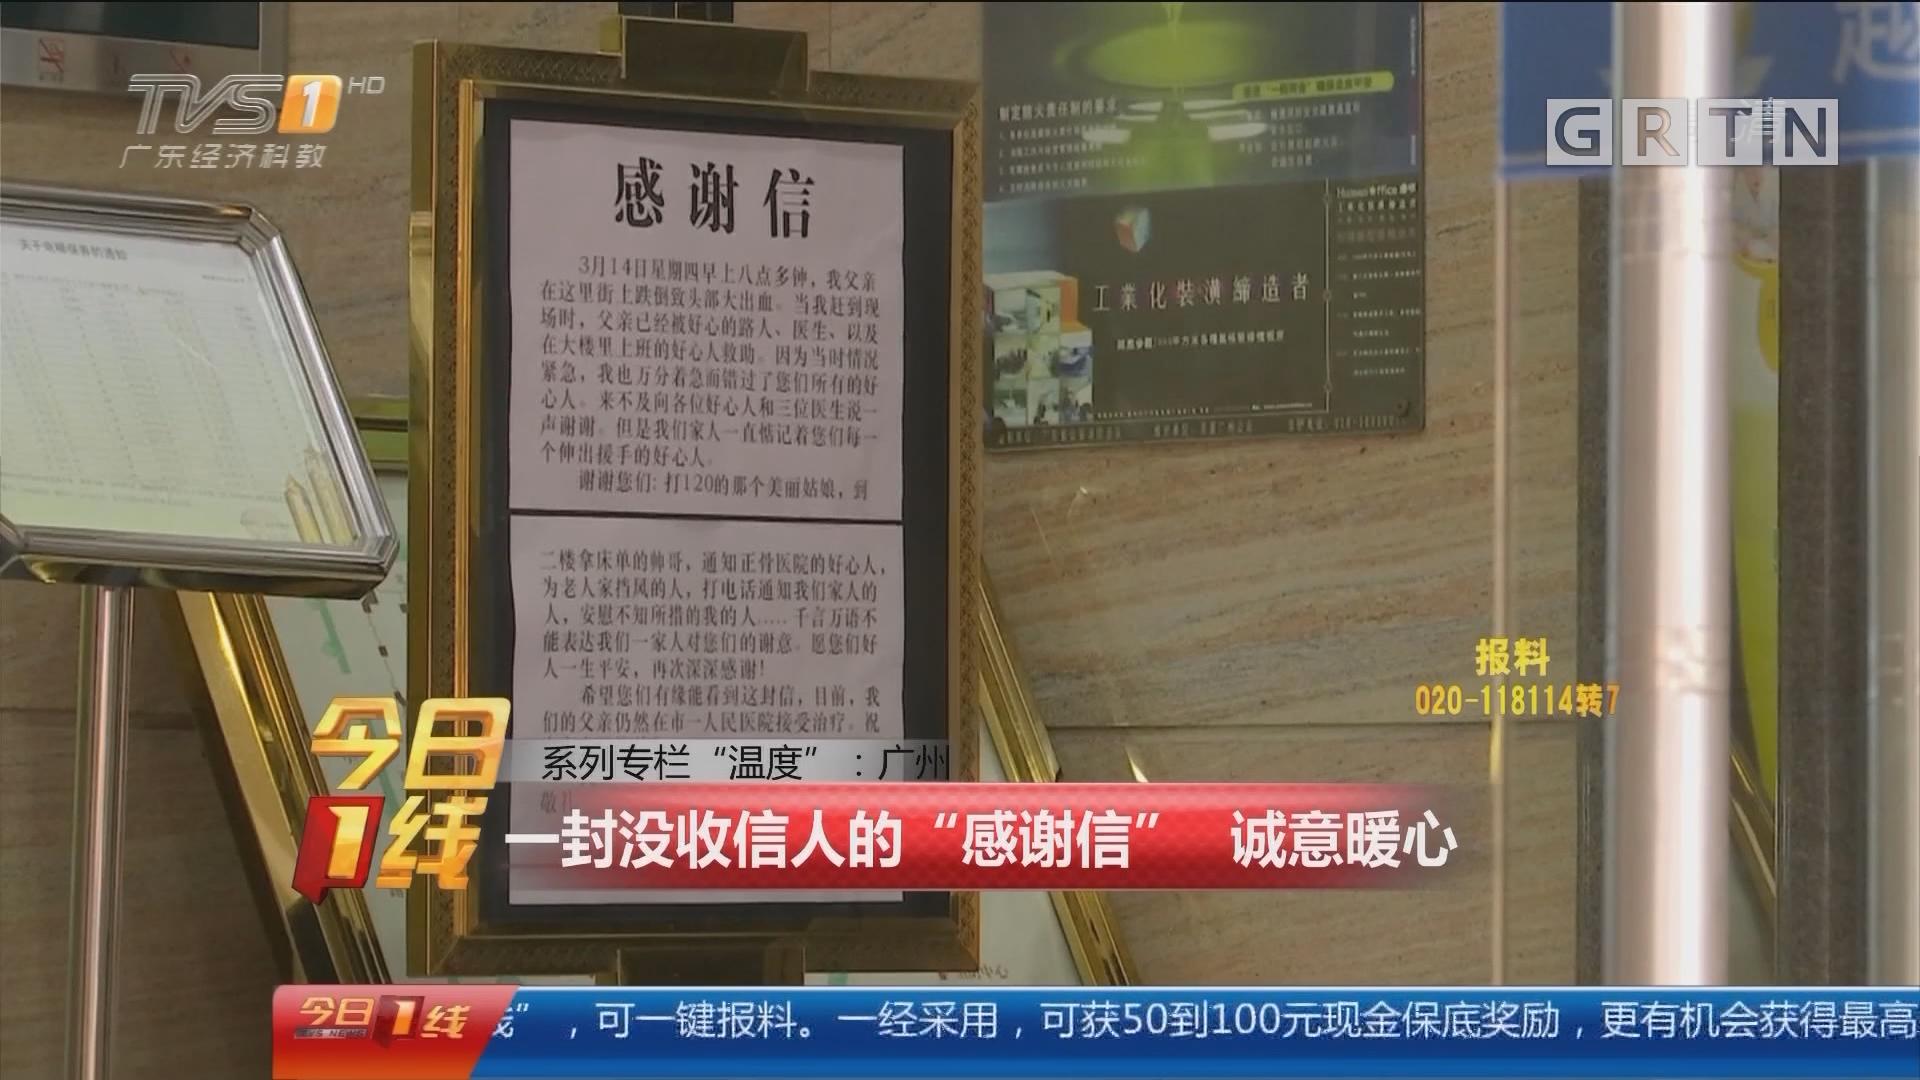 """系列专栏""""温度"""":广州 一封没收信人的""""感谢信"""" 诚意暖心"""